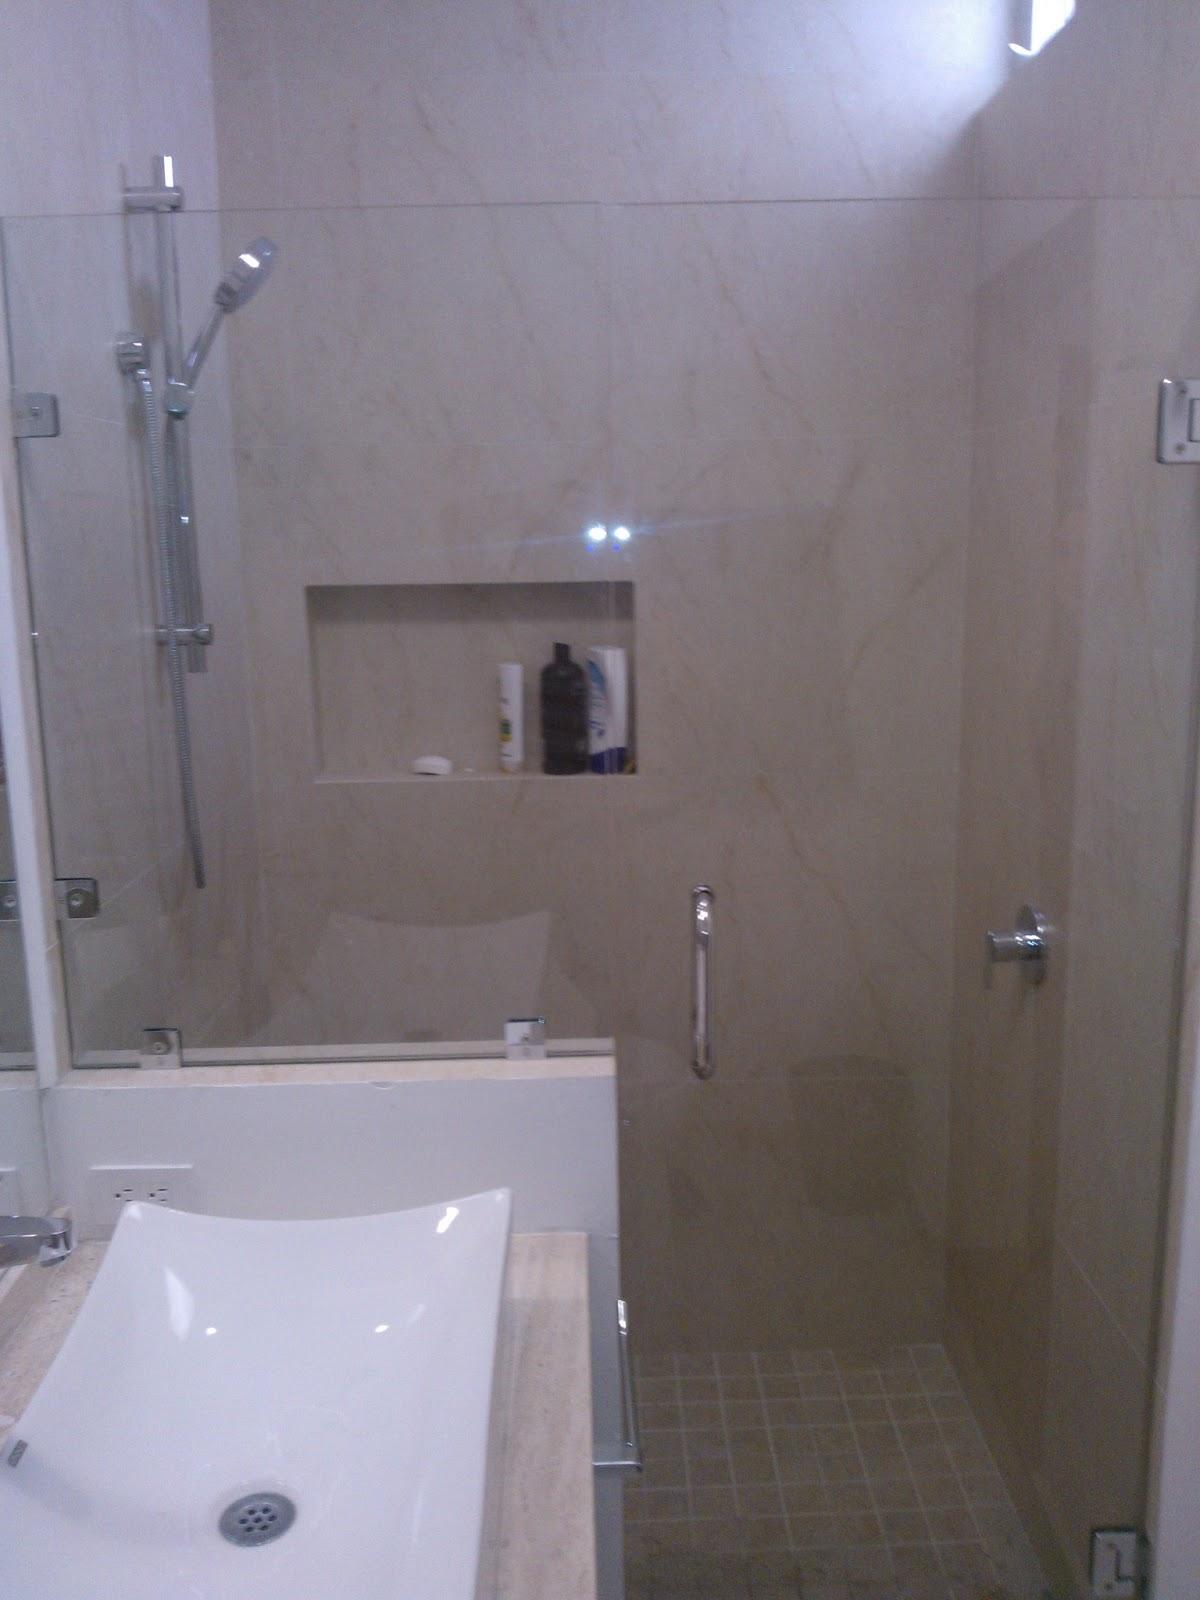 Puertas, ventanas de aluminio: Puerta de baño de cristal.